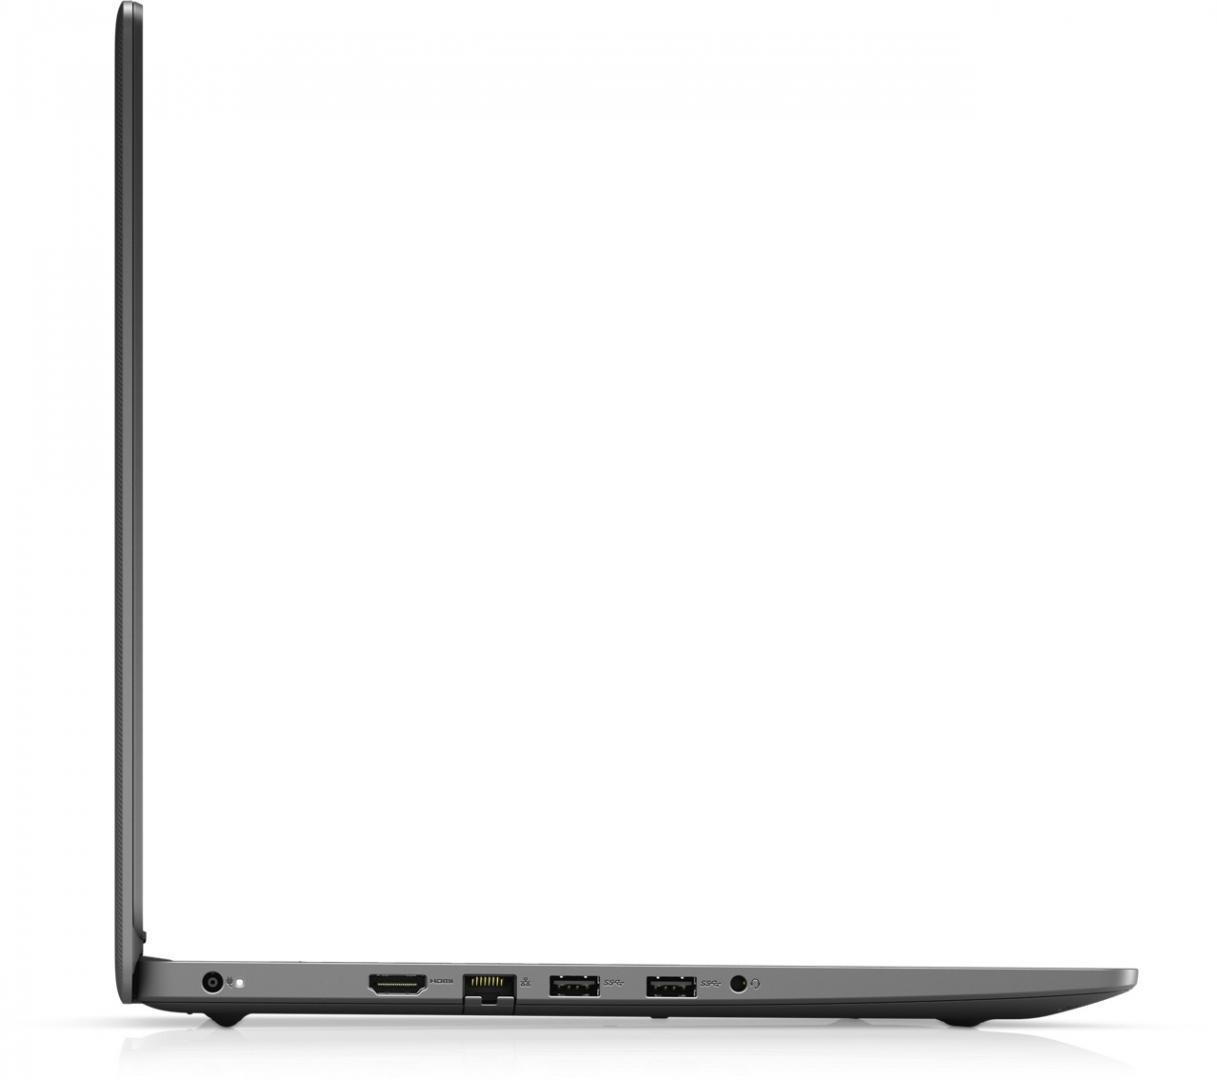 Laptop Dell Vostro 3500, 15.6'' FHD, i5-1135G7, 4GB, 1TB HDD, Intel Iris Xe Graphics, W10 Pro - imaginea 6